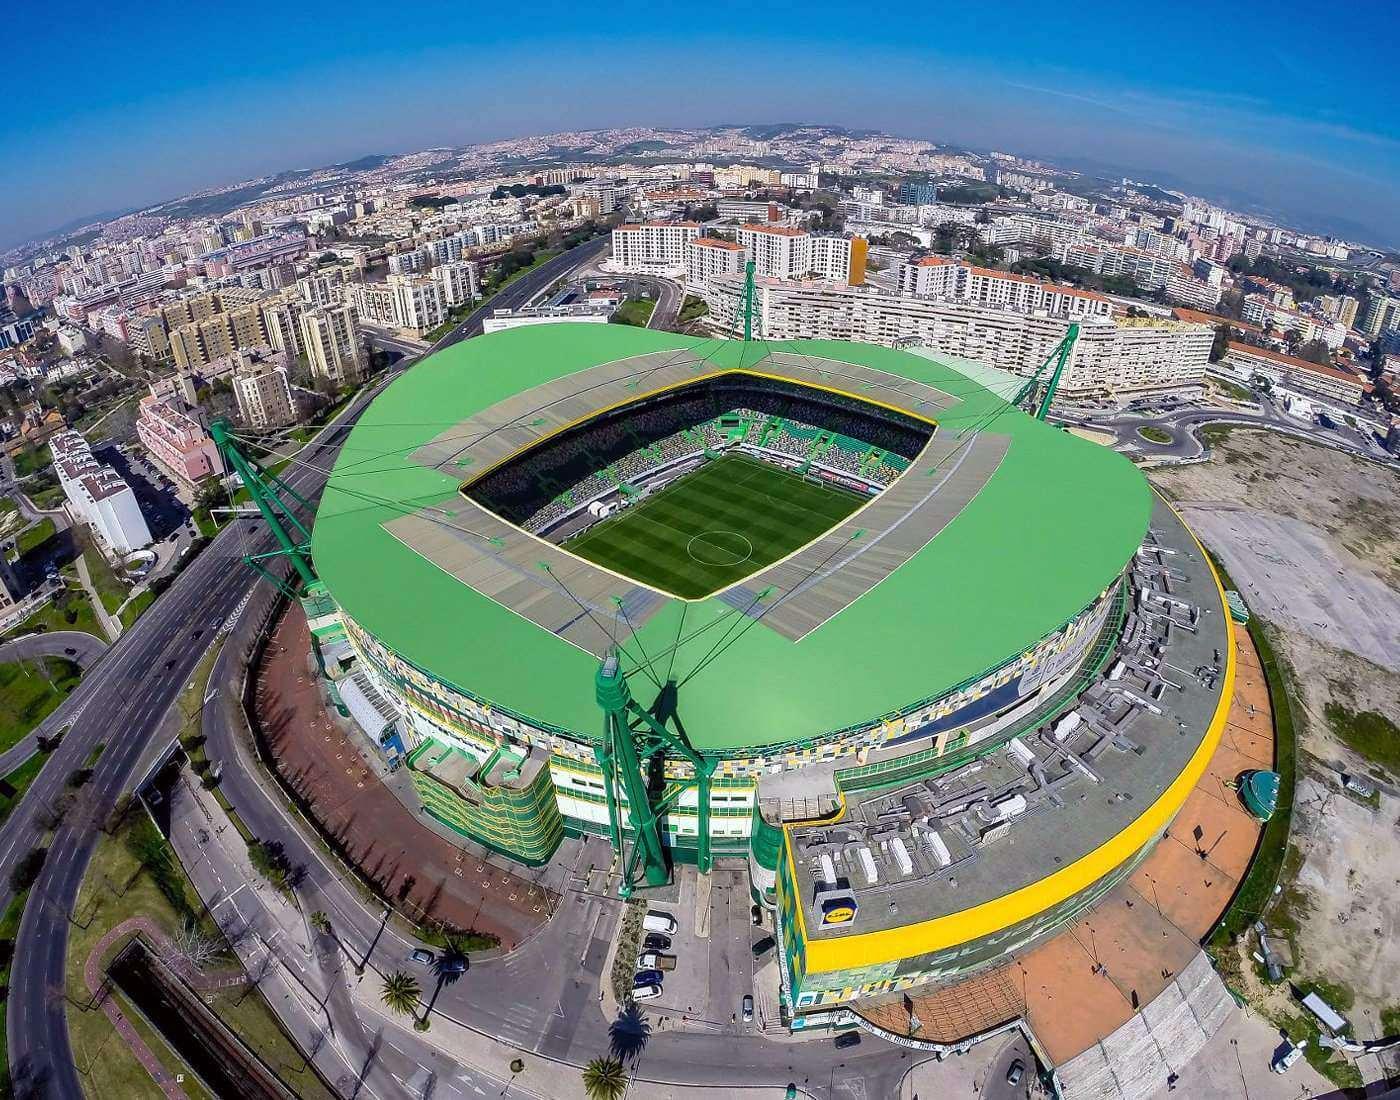 ¡Sporting de Lisboa cambiaría nombre de su estadio a 'Cristiano Ronaldo'!